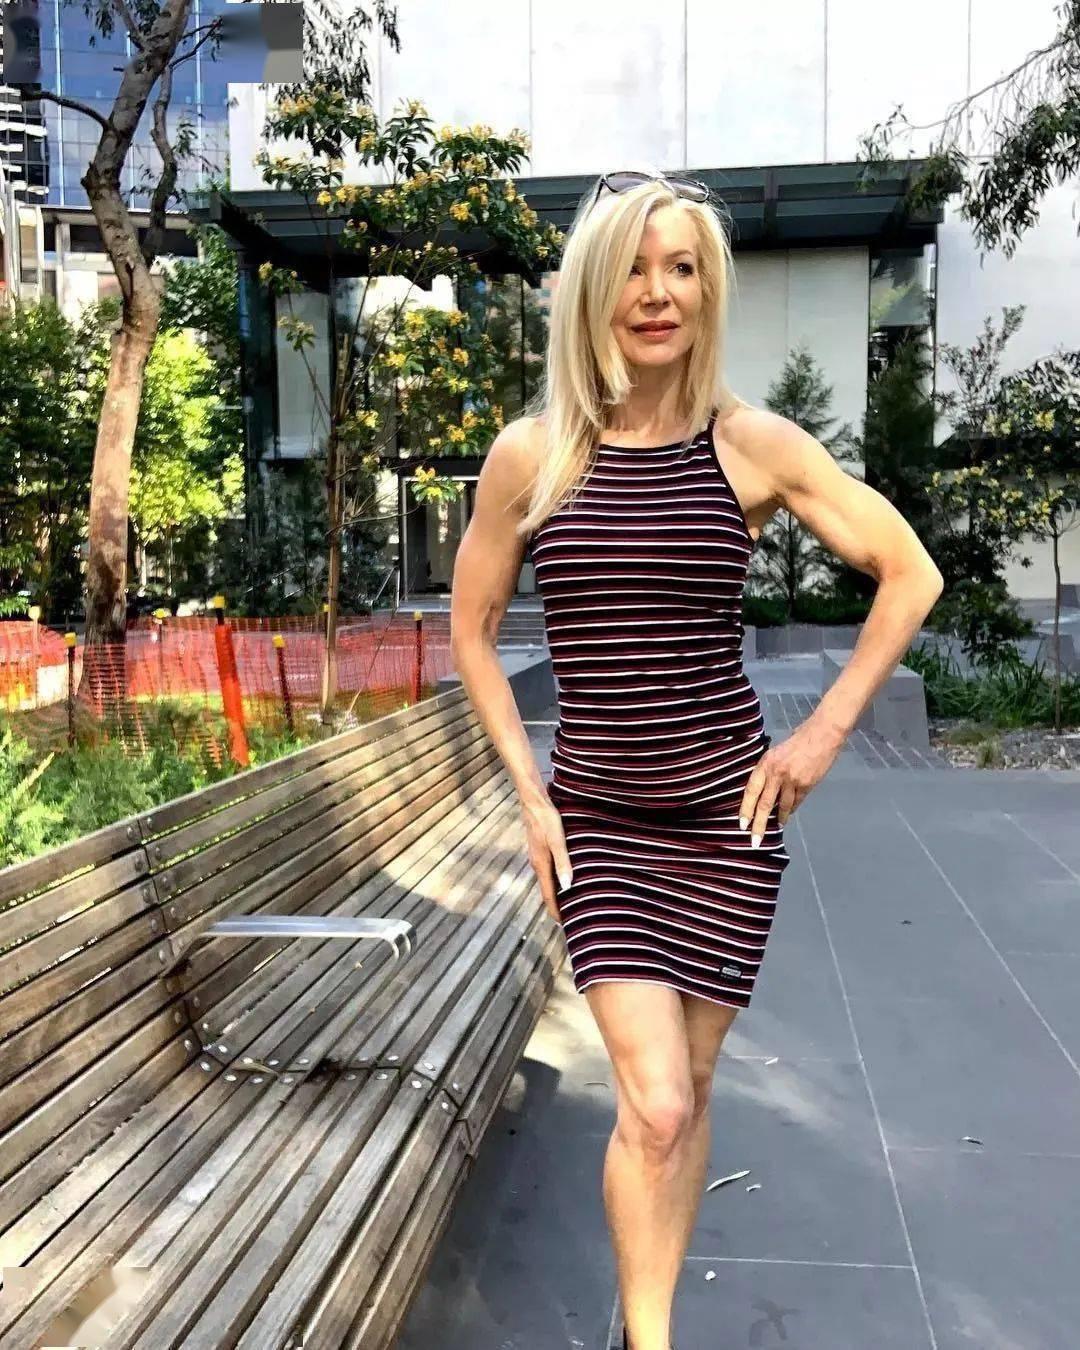 她48岁开始健身,64岁时身材如20岁少女,撸铁16年! 中级健身 第43张